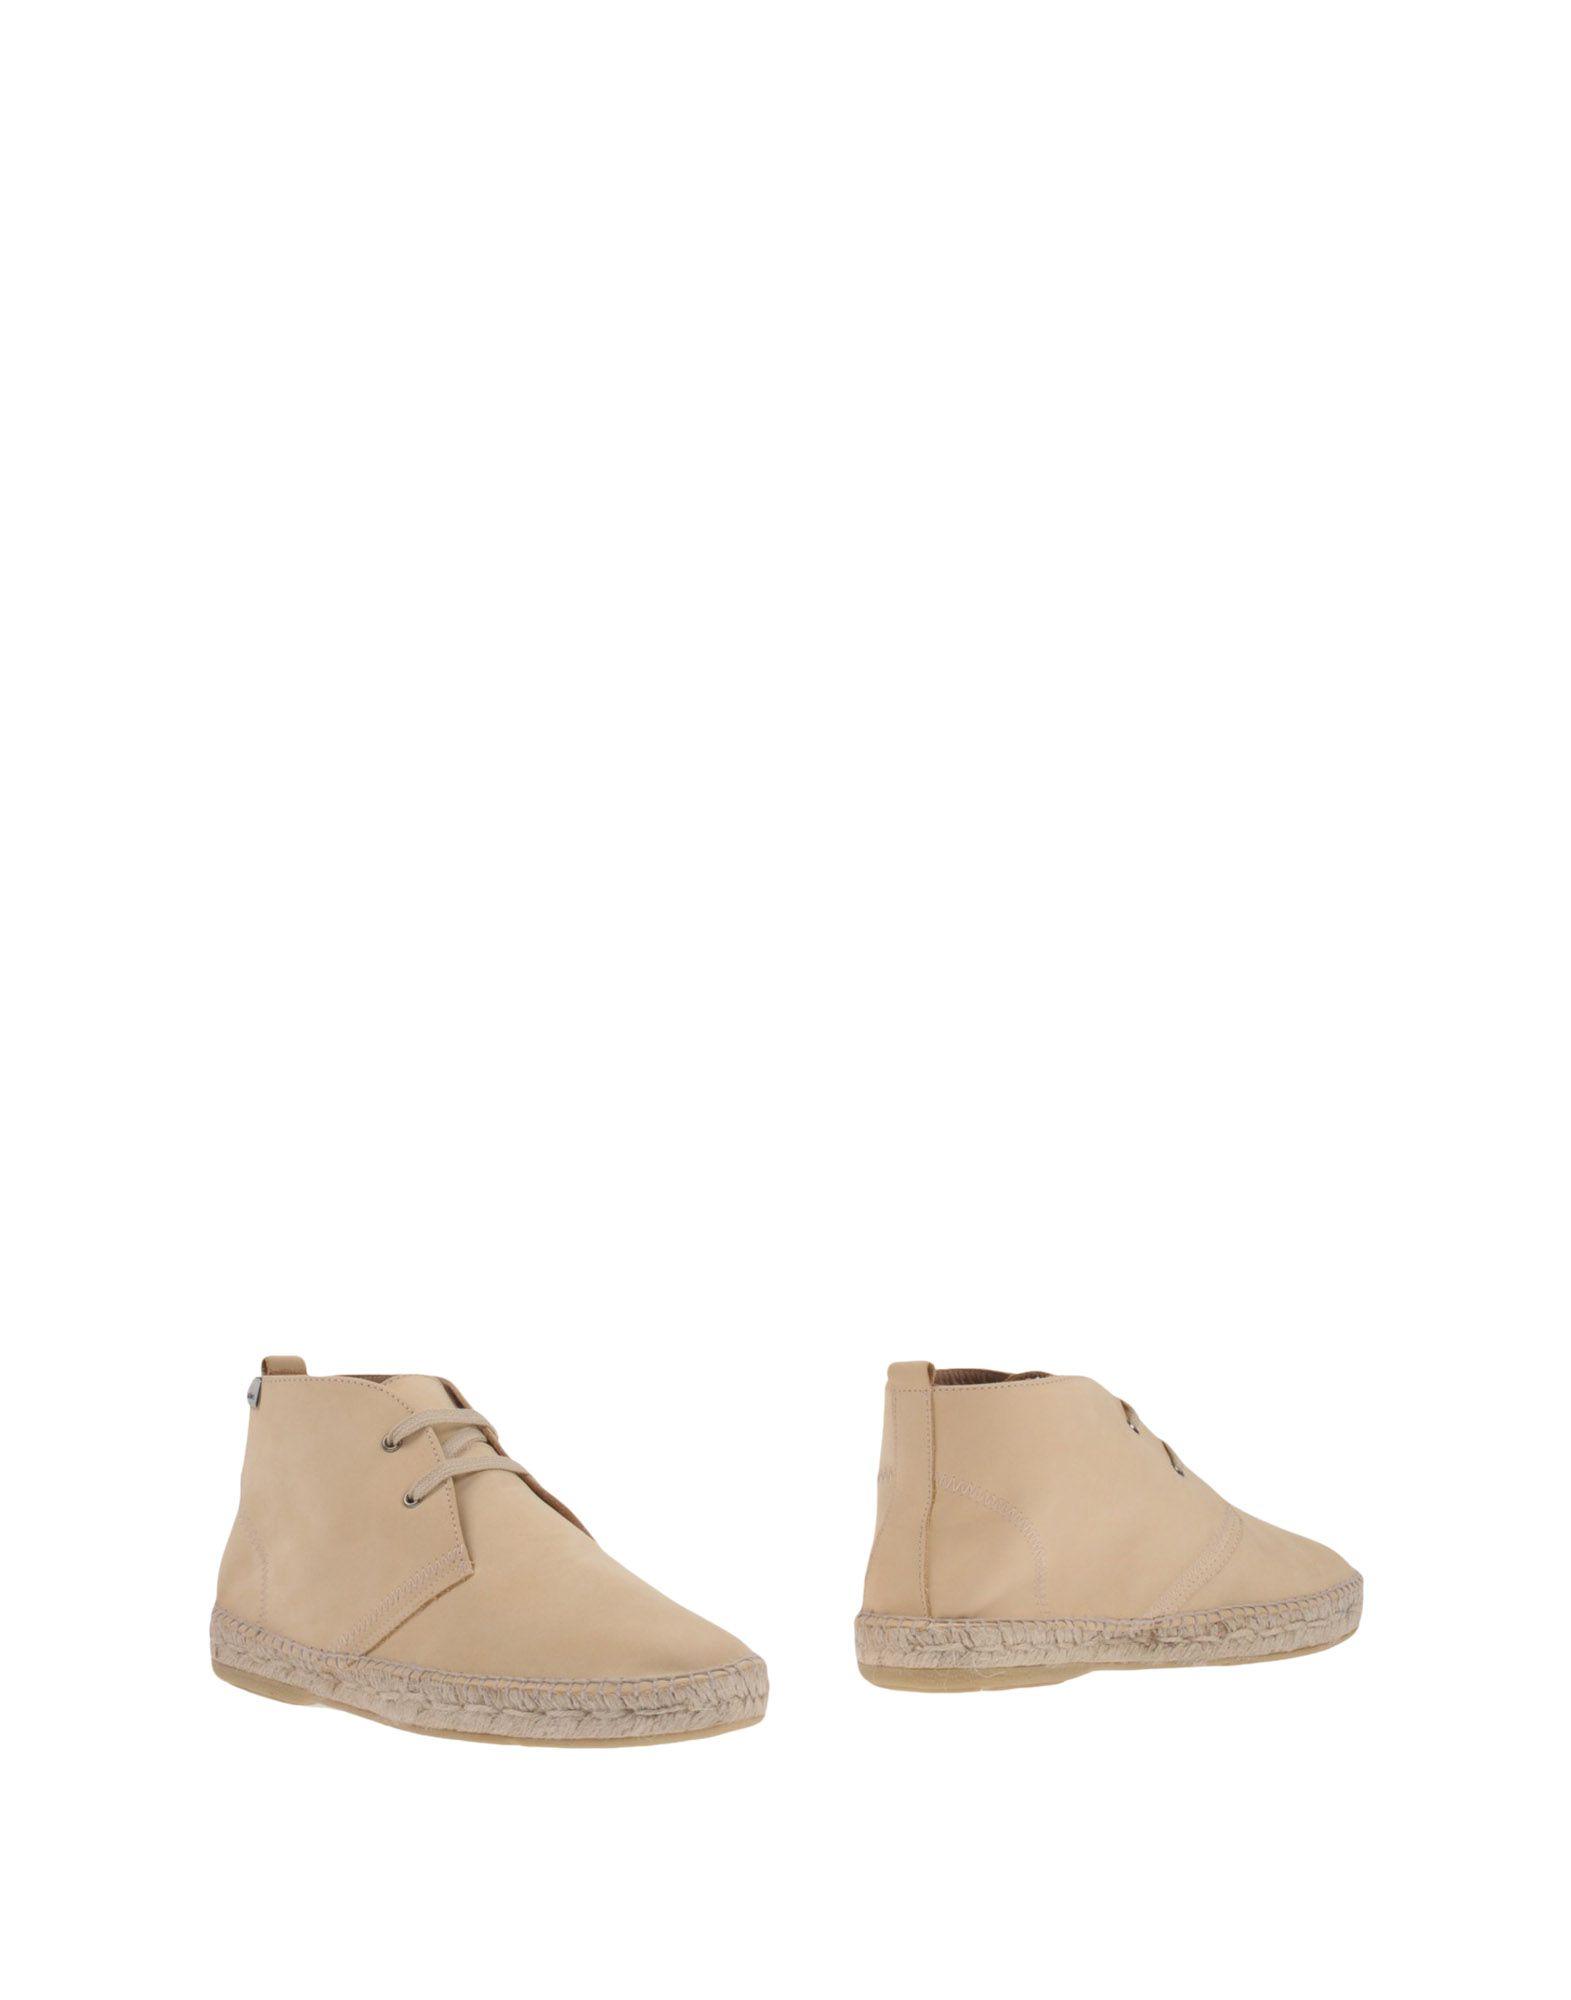 Espadrilles Stiefelette 11457081WP Herren  11457081WP Stiefelette Heiße Schuhe eb2814